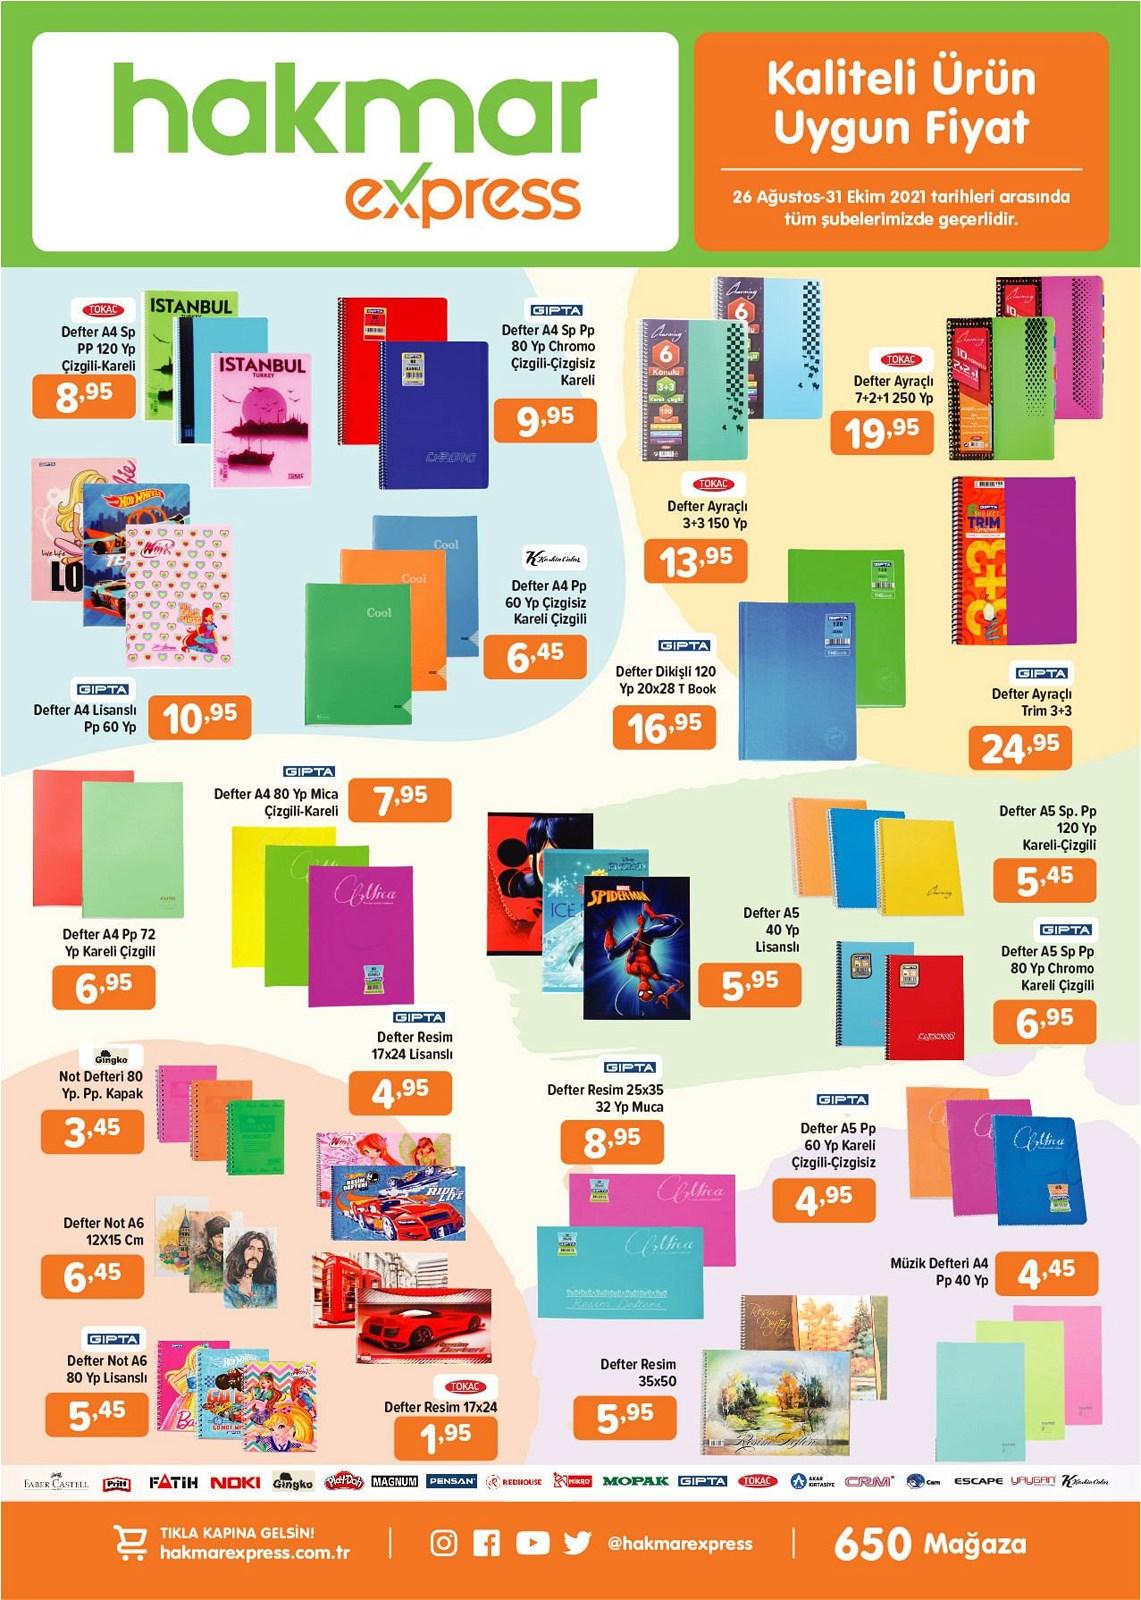 26.08.2021 Hakmar Express broşürü 5. sayfa